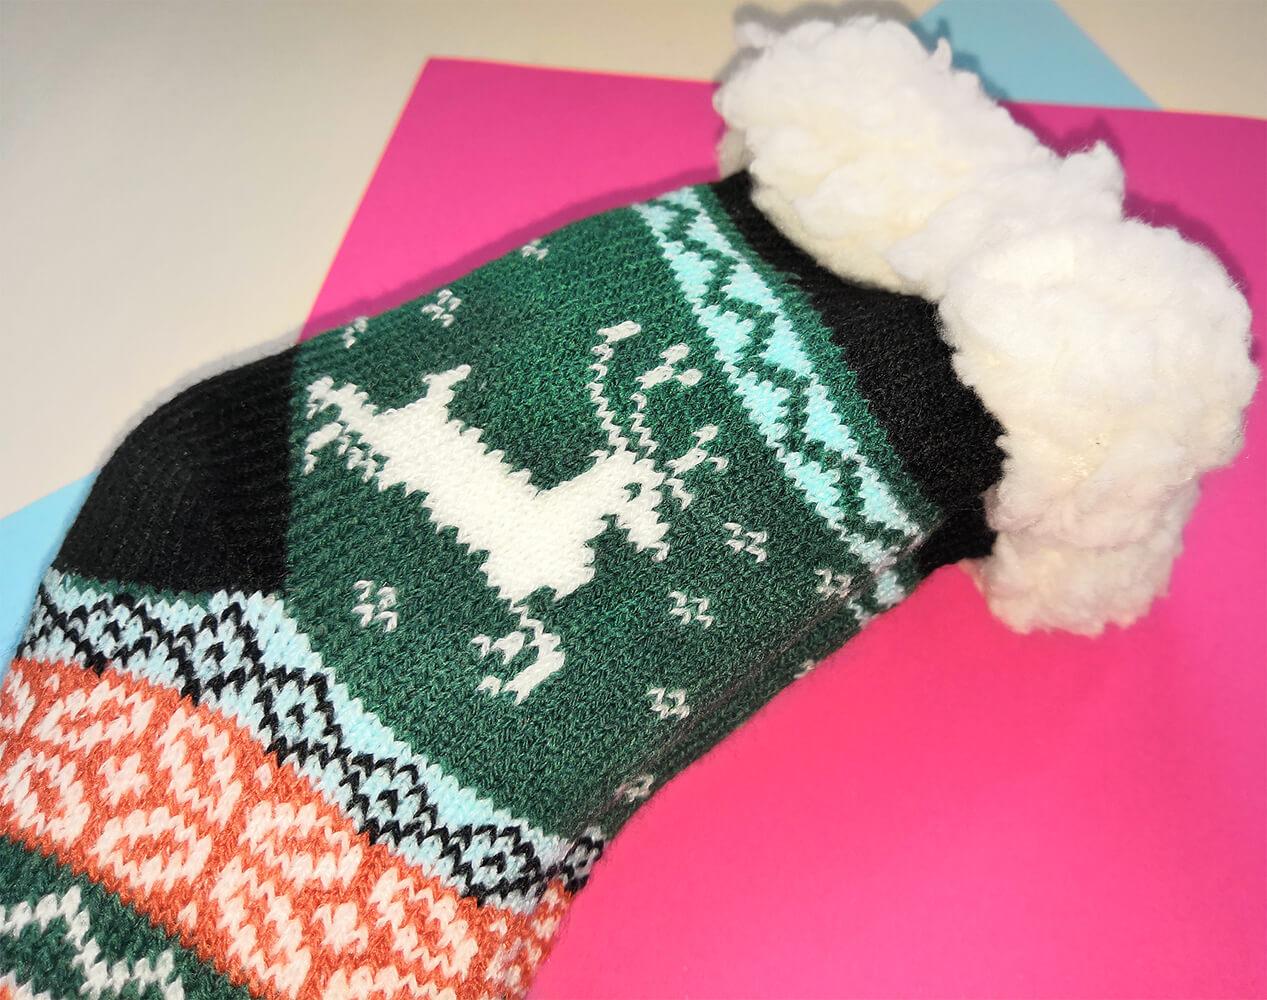 Детские носки-тапочки Emi Ross EJ-6208-bl зеленого цвета. 27-31 размера. Фото 2